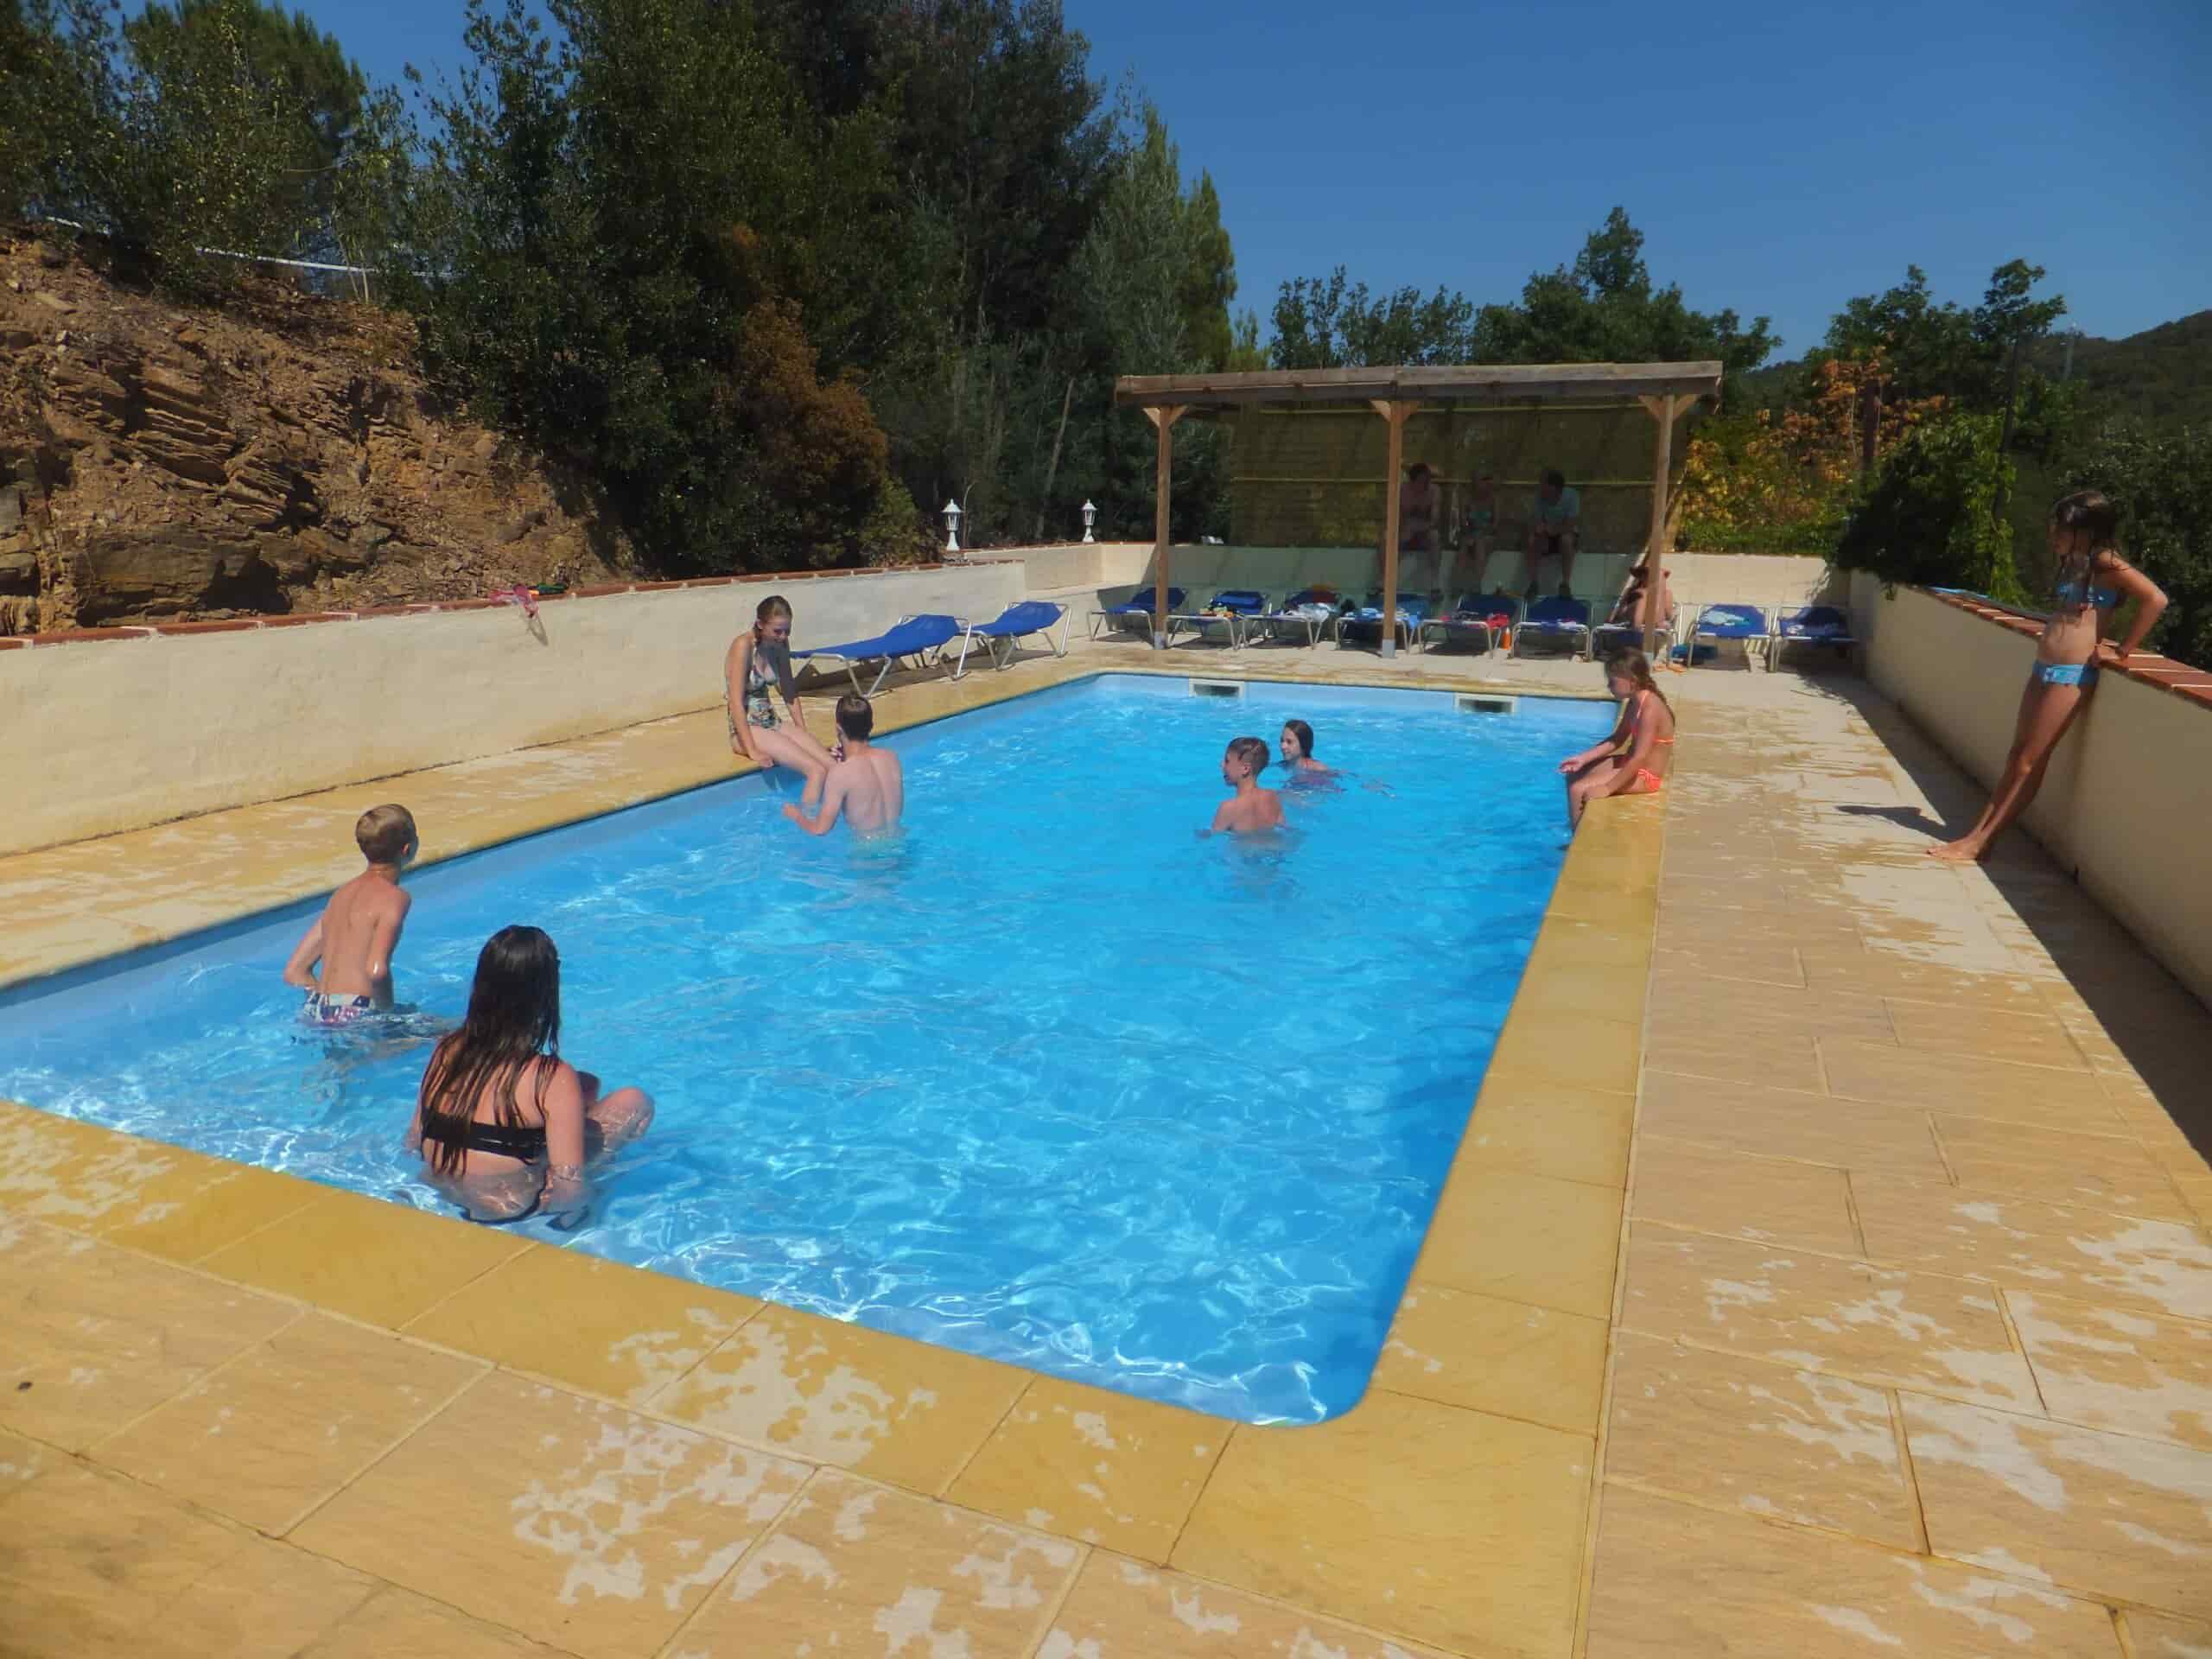 Vakantie Zuid Frankrijk Middellandse Zee Pyreneeën, Logeren bij Belgen vakantie logeren bij belgen in frankrijk